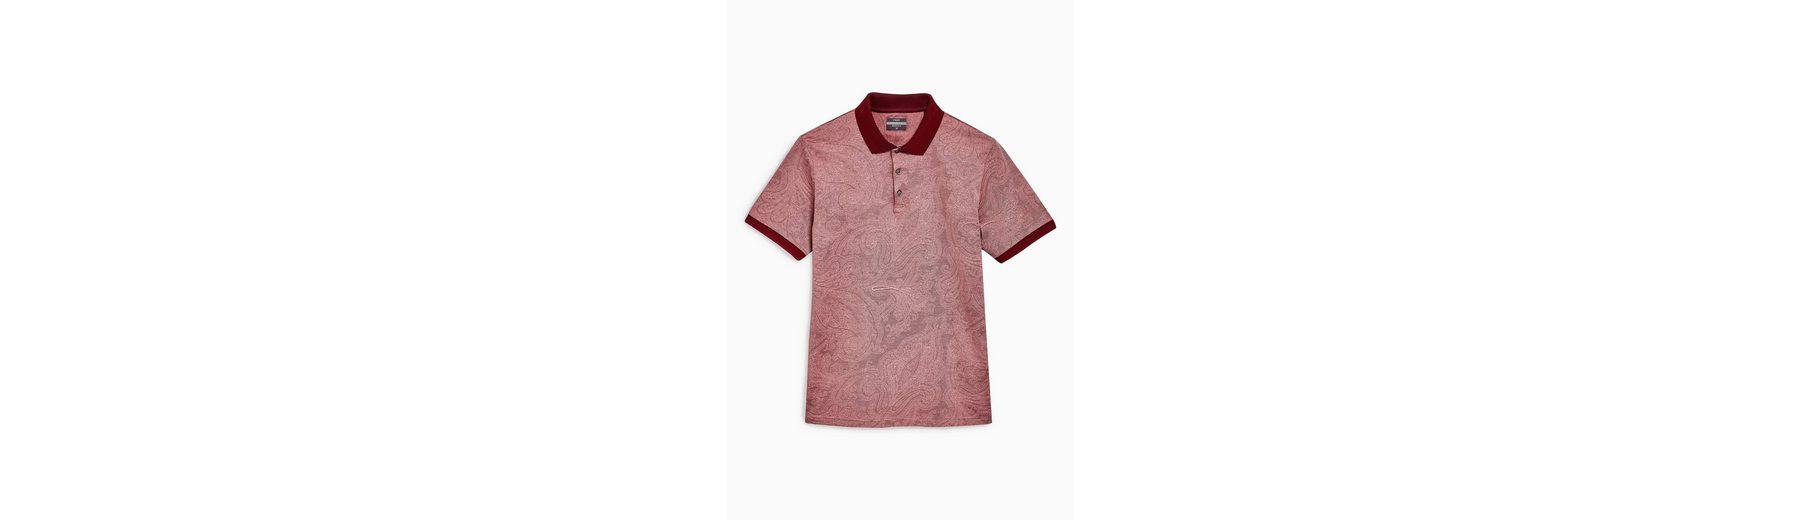 Bestbewertet Billige Amazon Next Hochwertiges Poloshirt mit Paisley-Muster Rabatt 100% Original Erstaunlicher Preis Günstige Kaufladen OMlkfI3